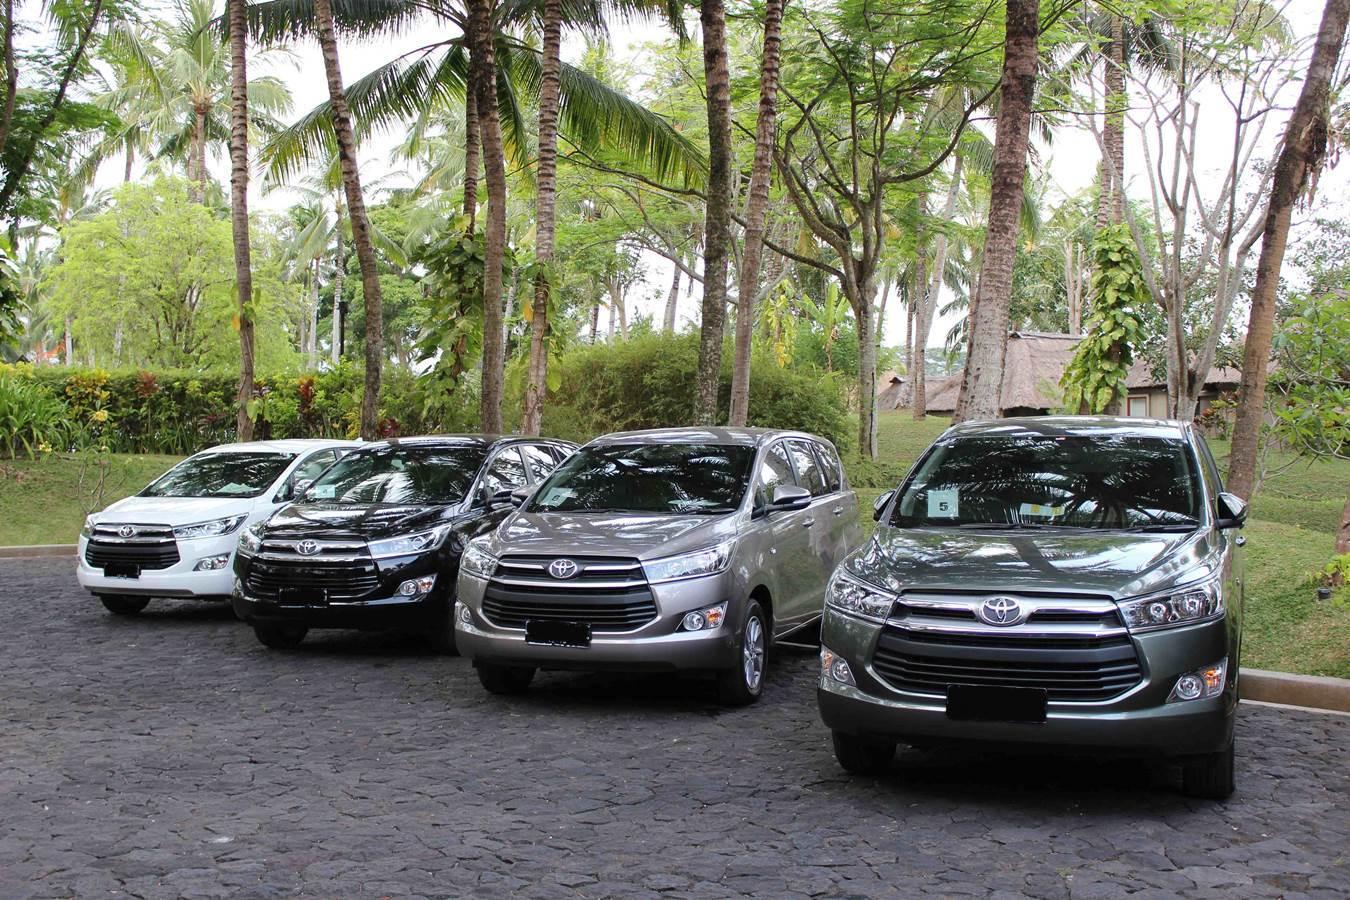 Фото автомобиля на Бали